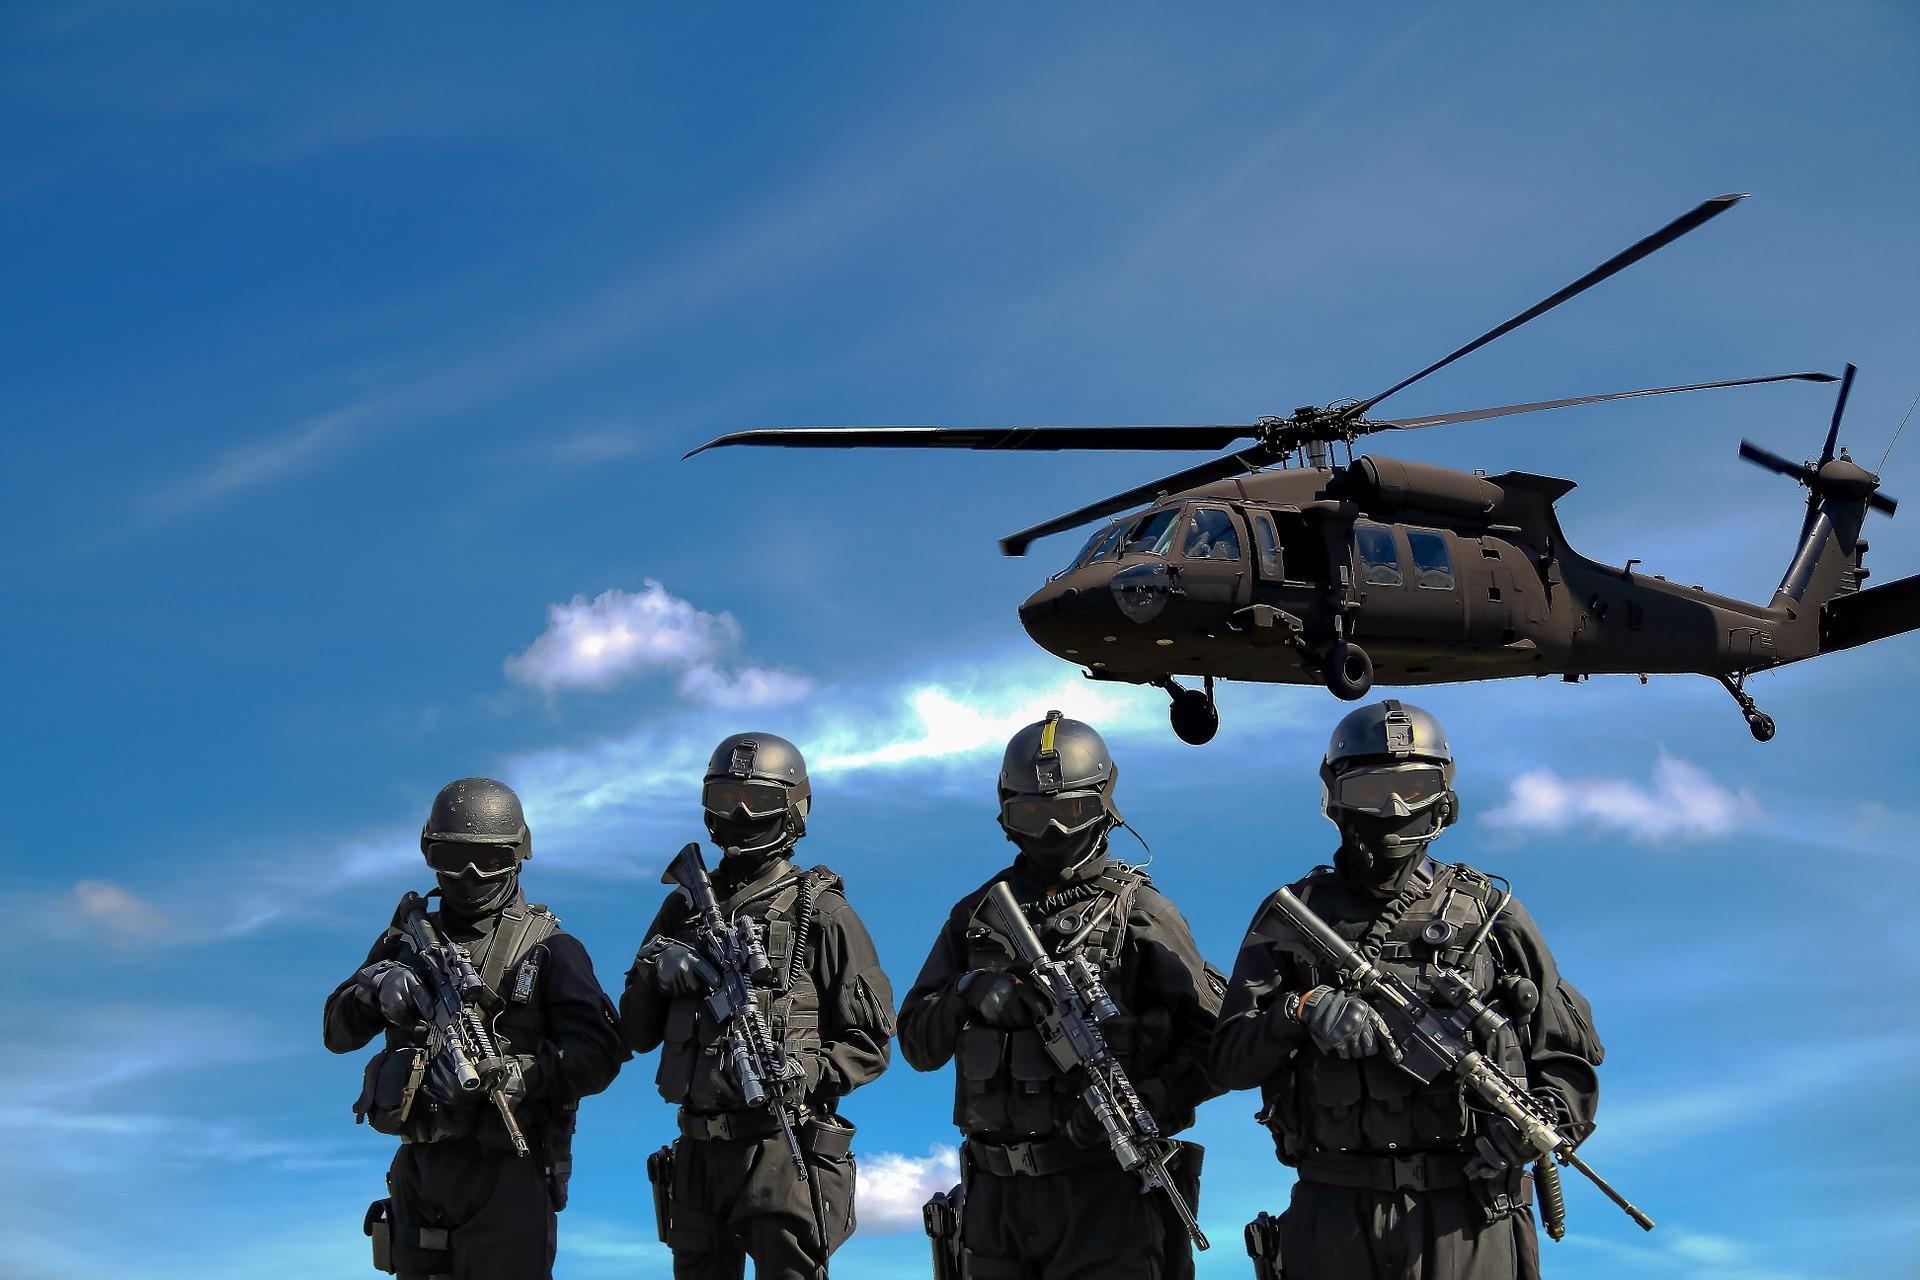 USA zbroją świat a zyskują nam tym spółki zbrojeniowe